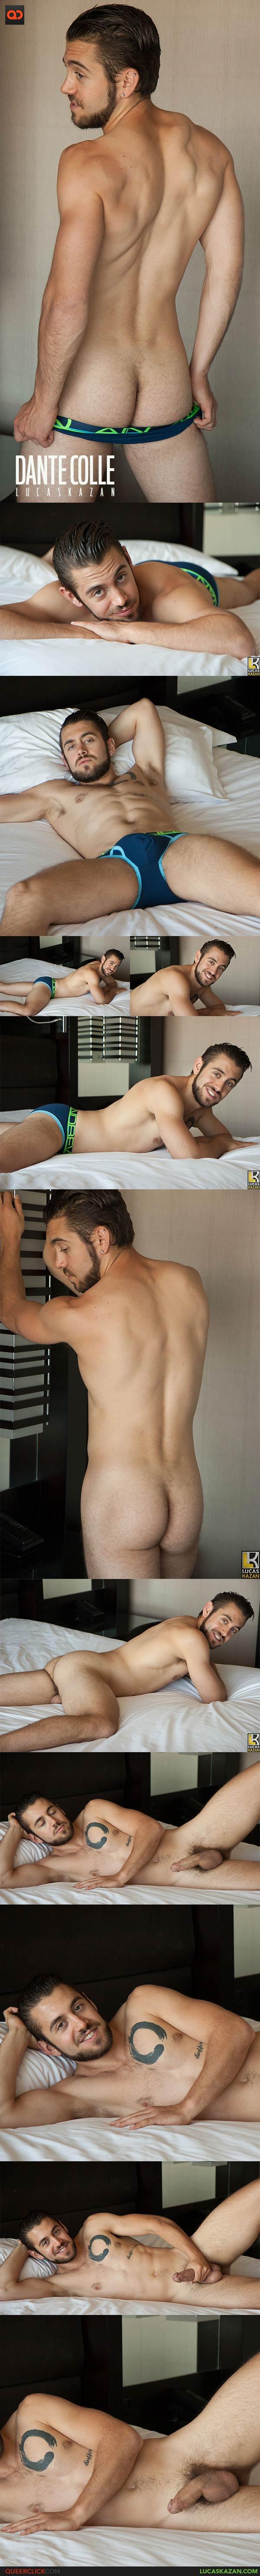 Lucas Kazan: Dante Colle